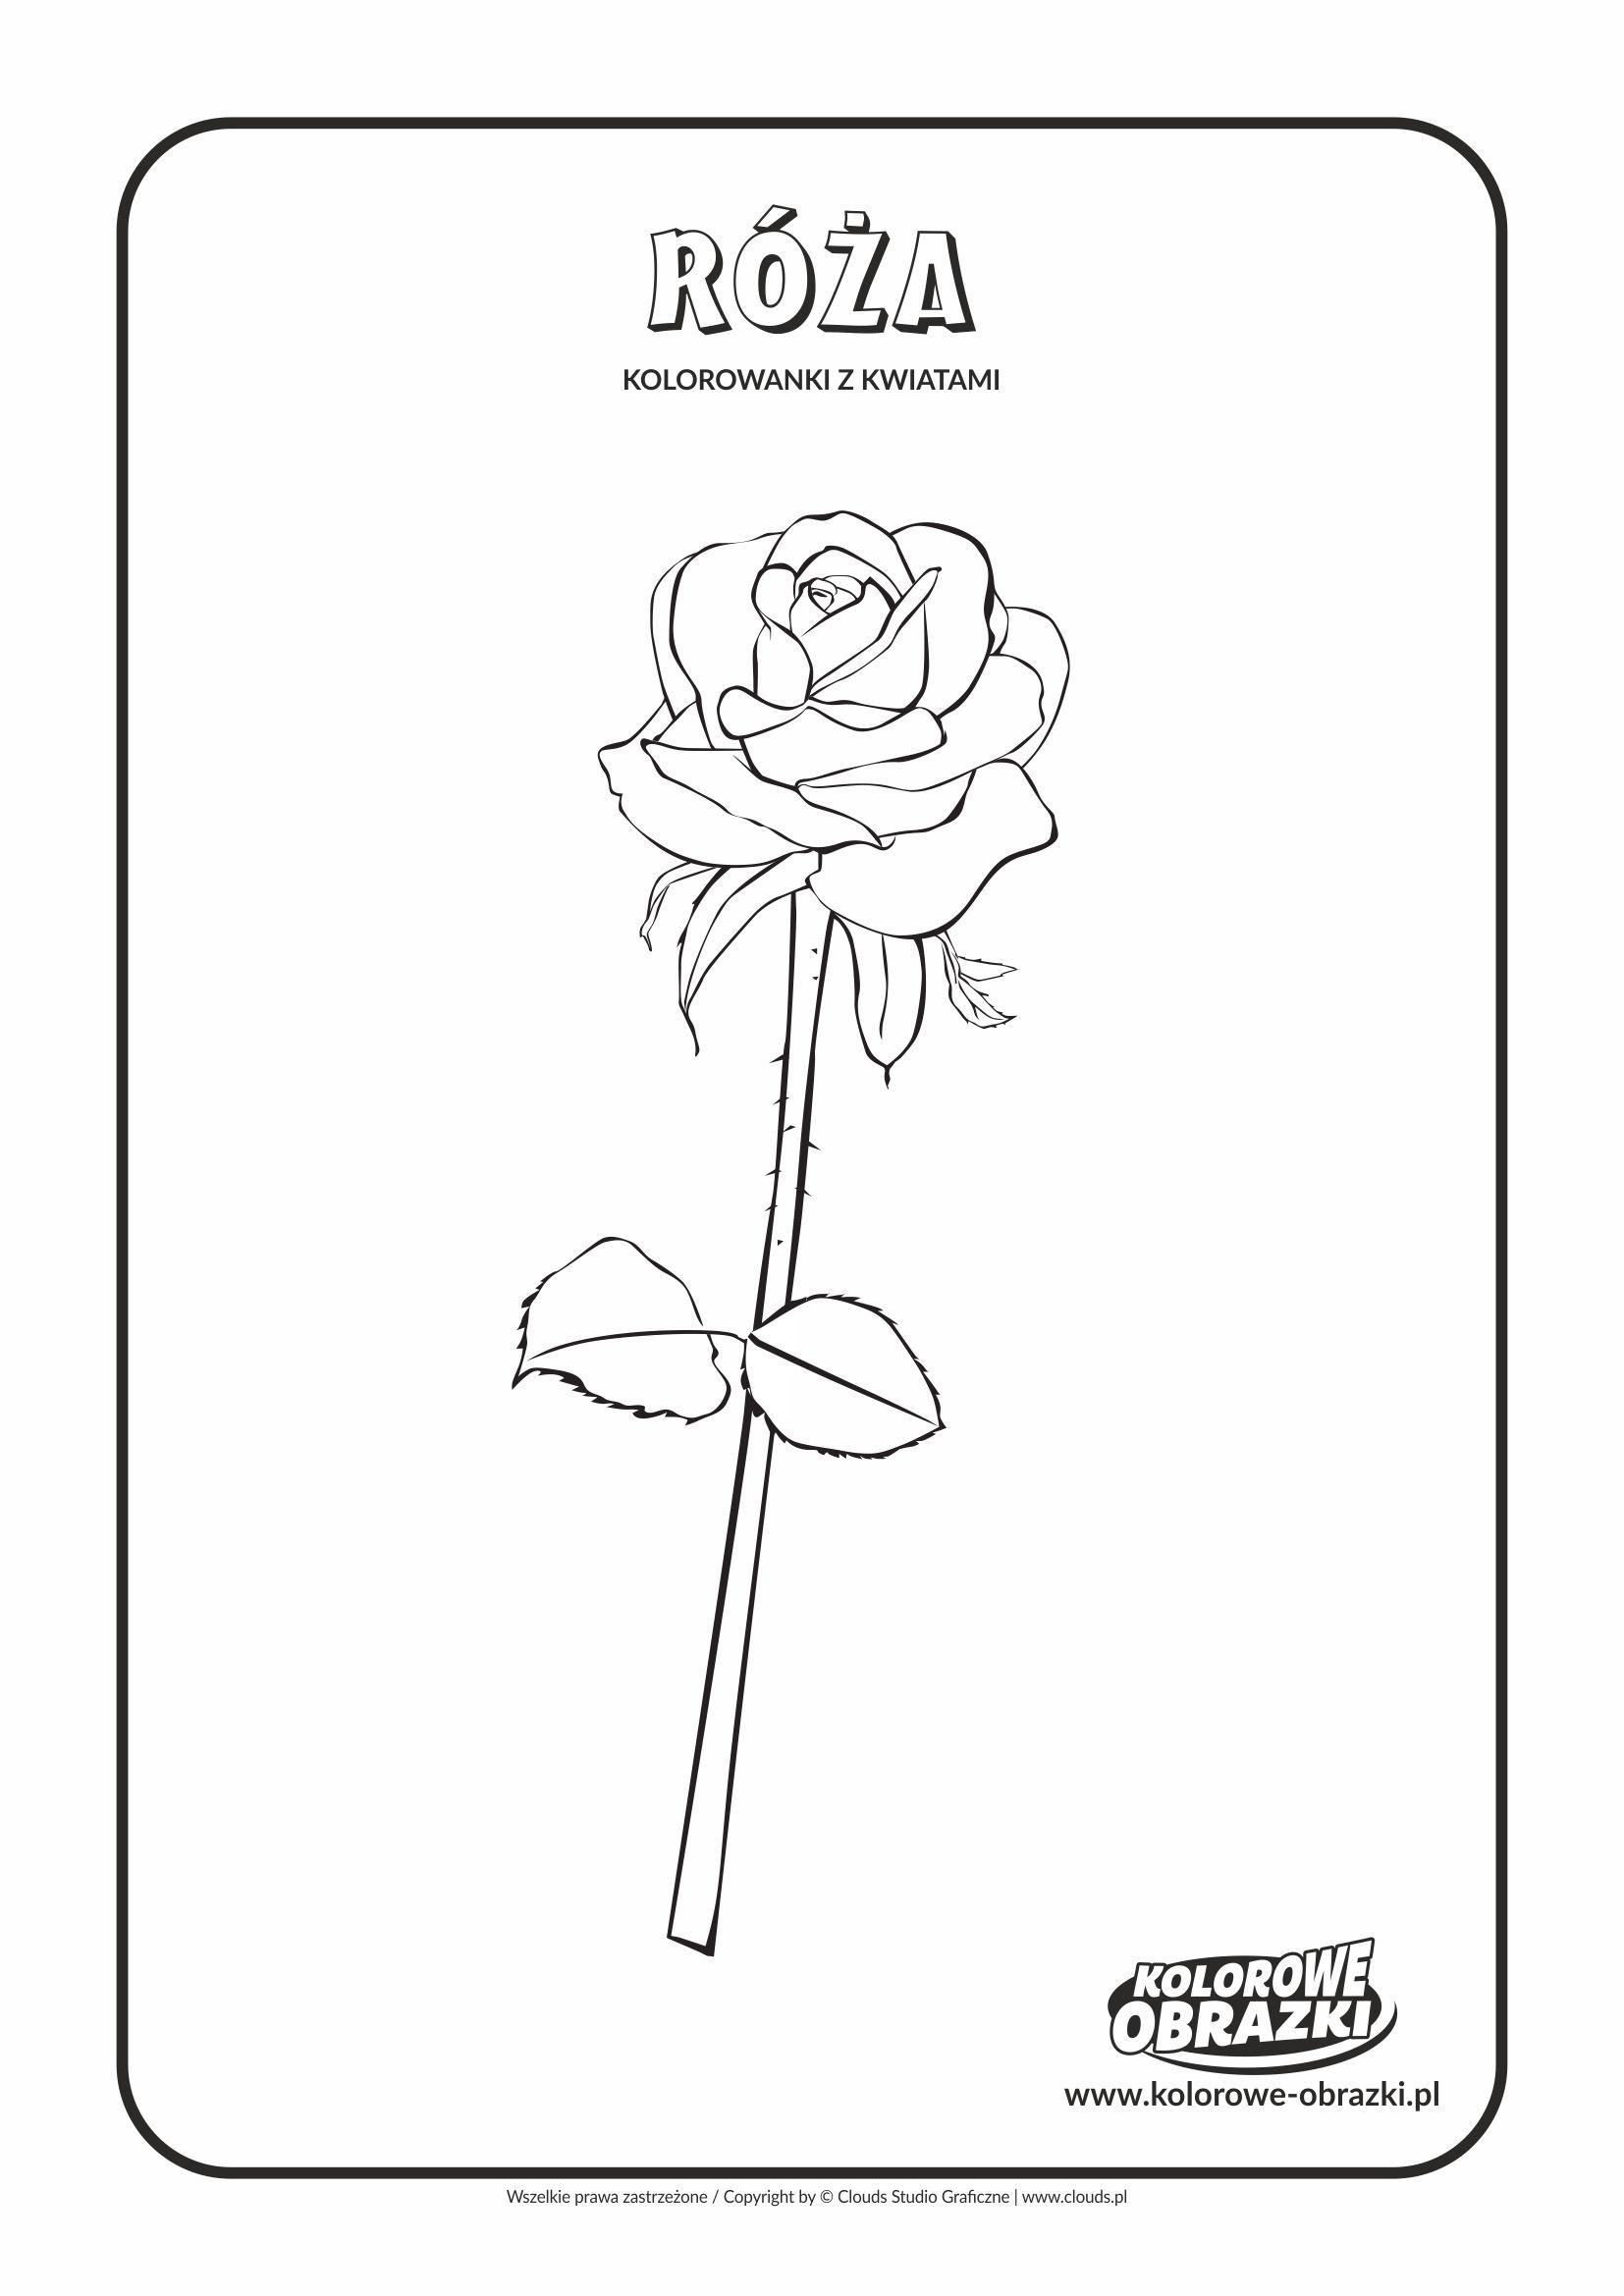 Kolorowanki dla dzieci - Rośliny / Róża. Kolorowanka z różą